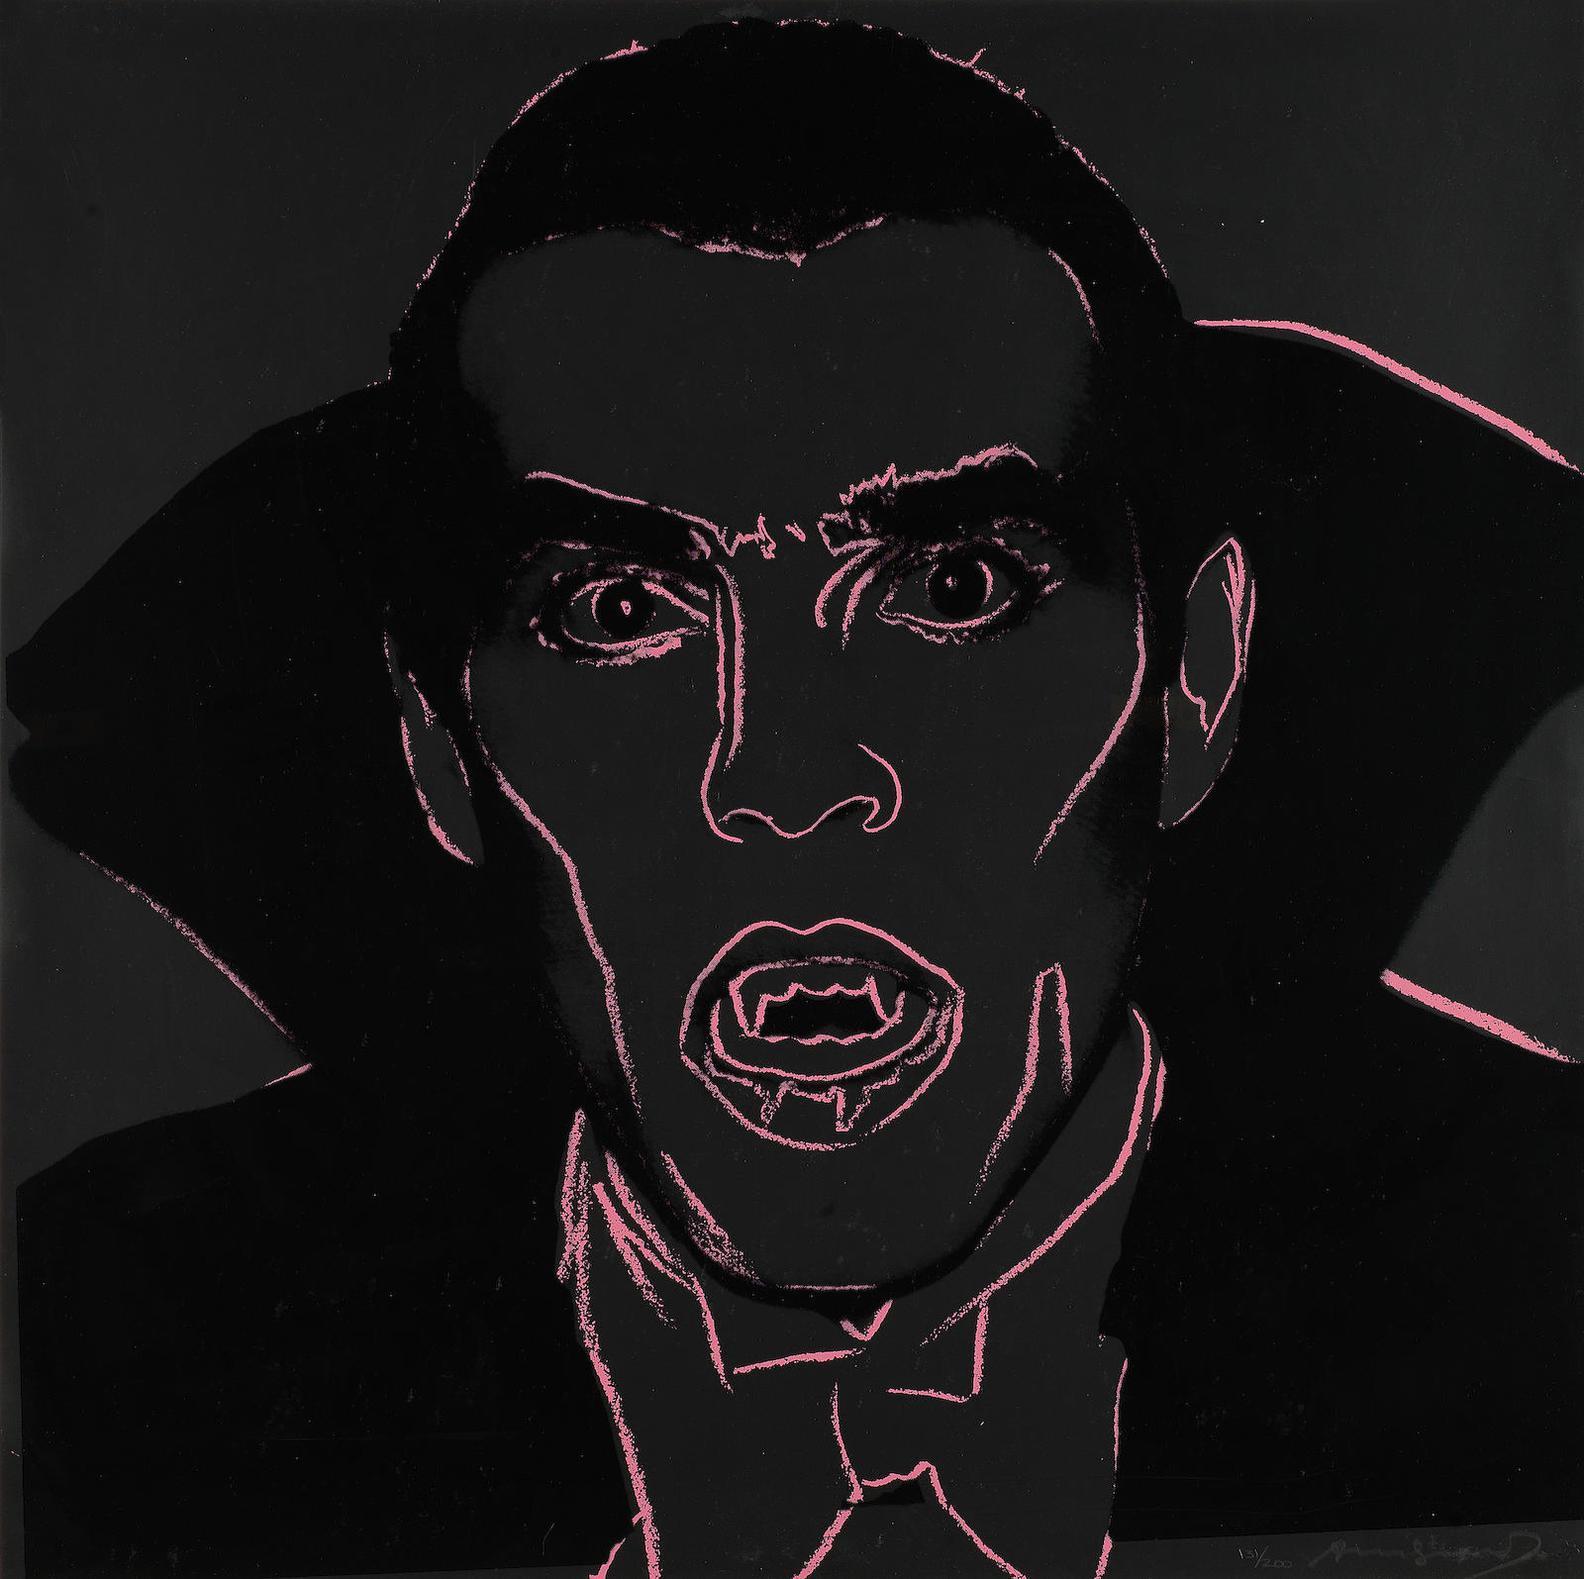 Andy Warhol-Myths: Dracula (Feldman & Schellmann II.264)-1981